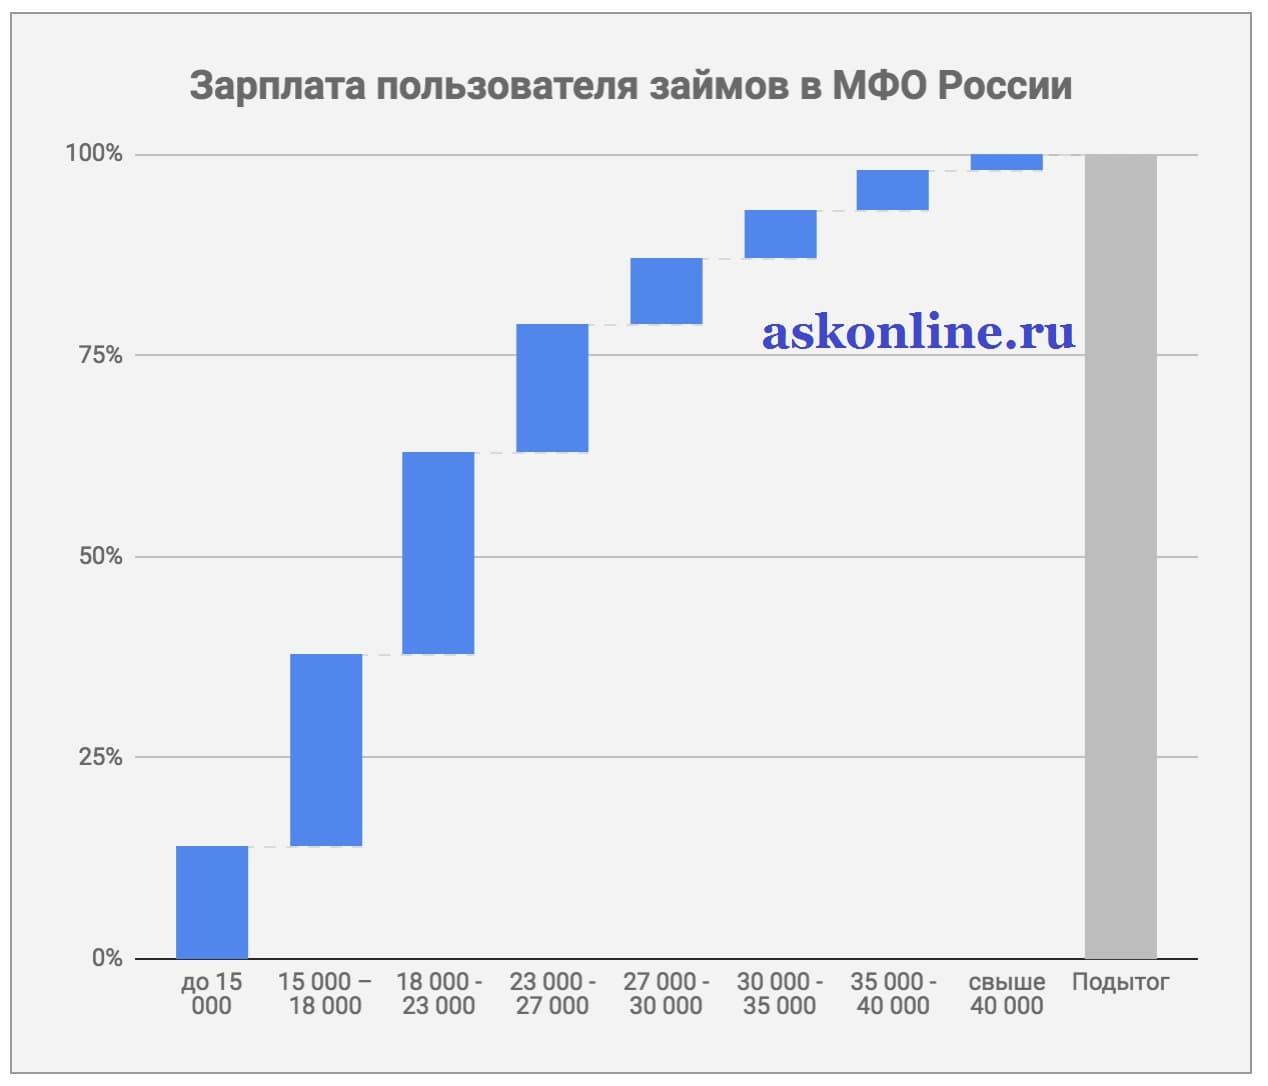 Картинка Статисика_Зарплата пользователя займов